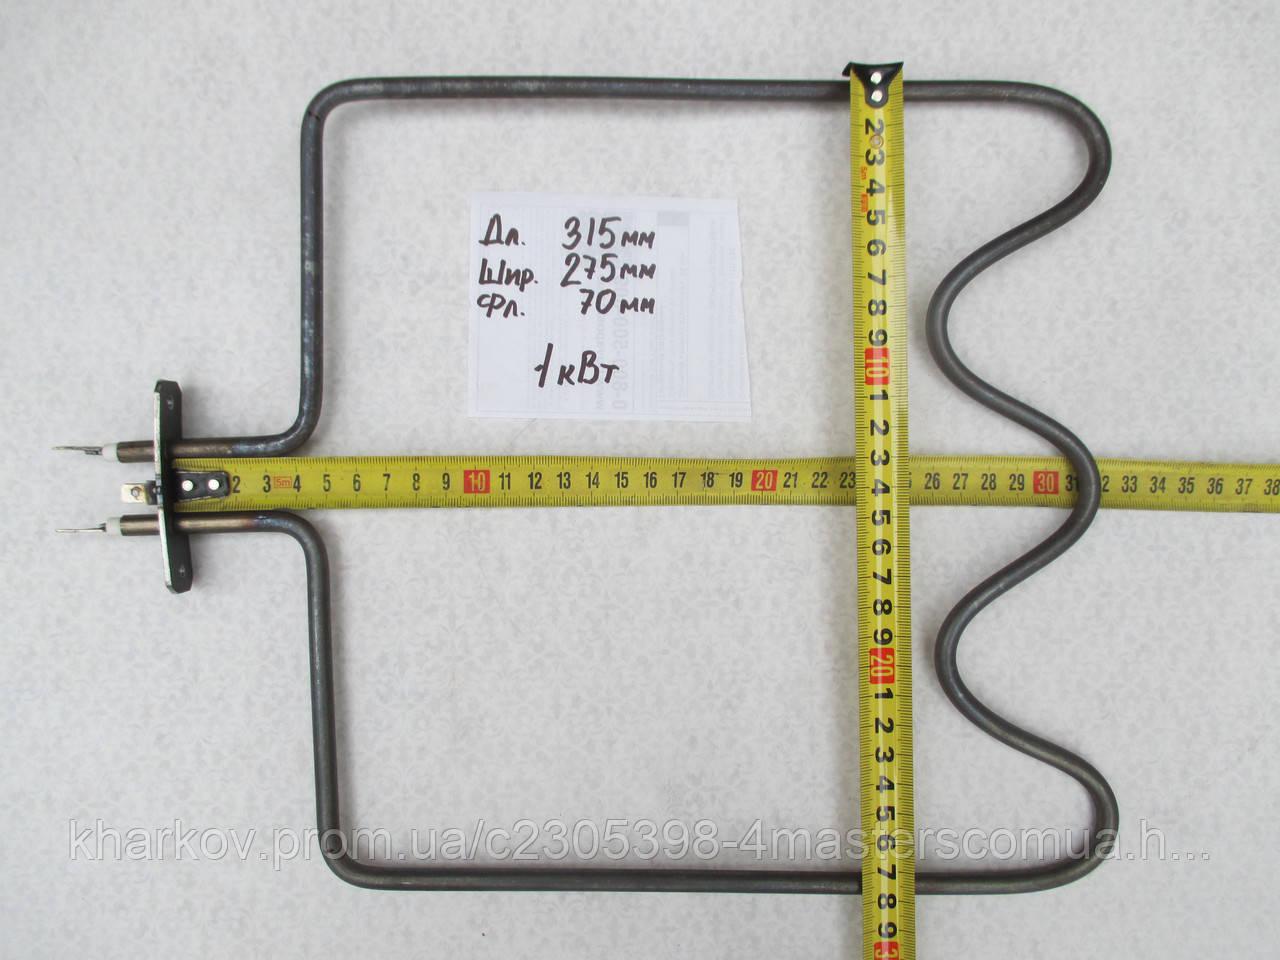 Тэн для духовки BEKO нижний 1 кВт 315х275мм